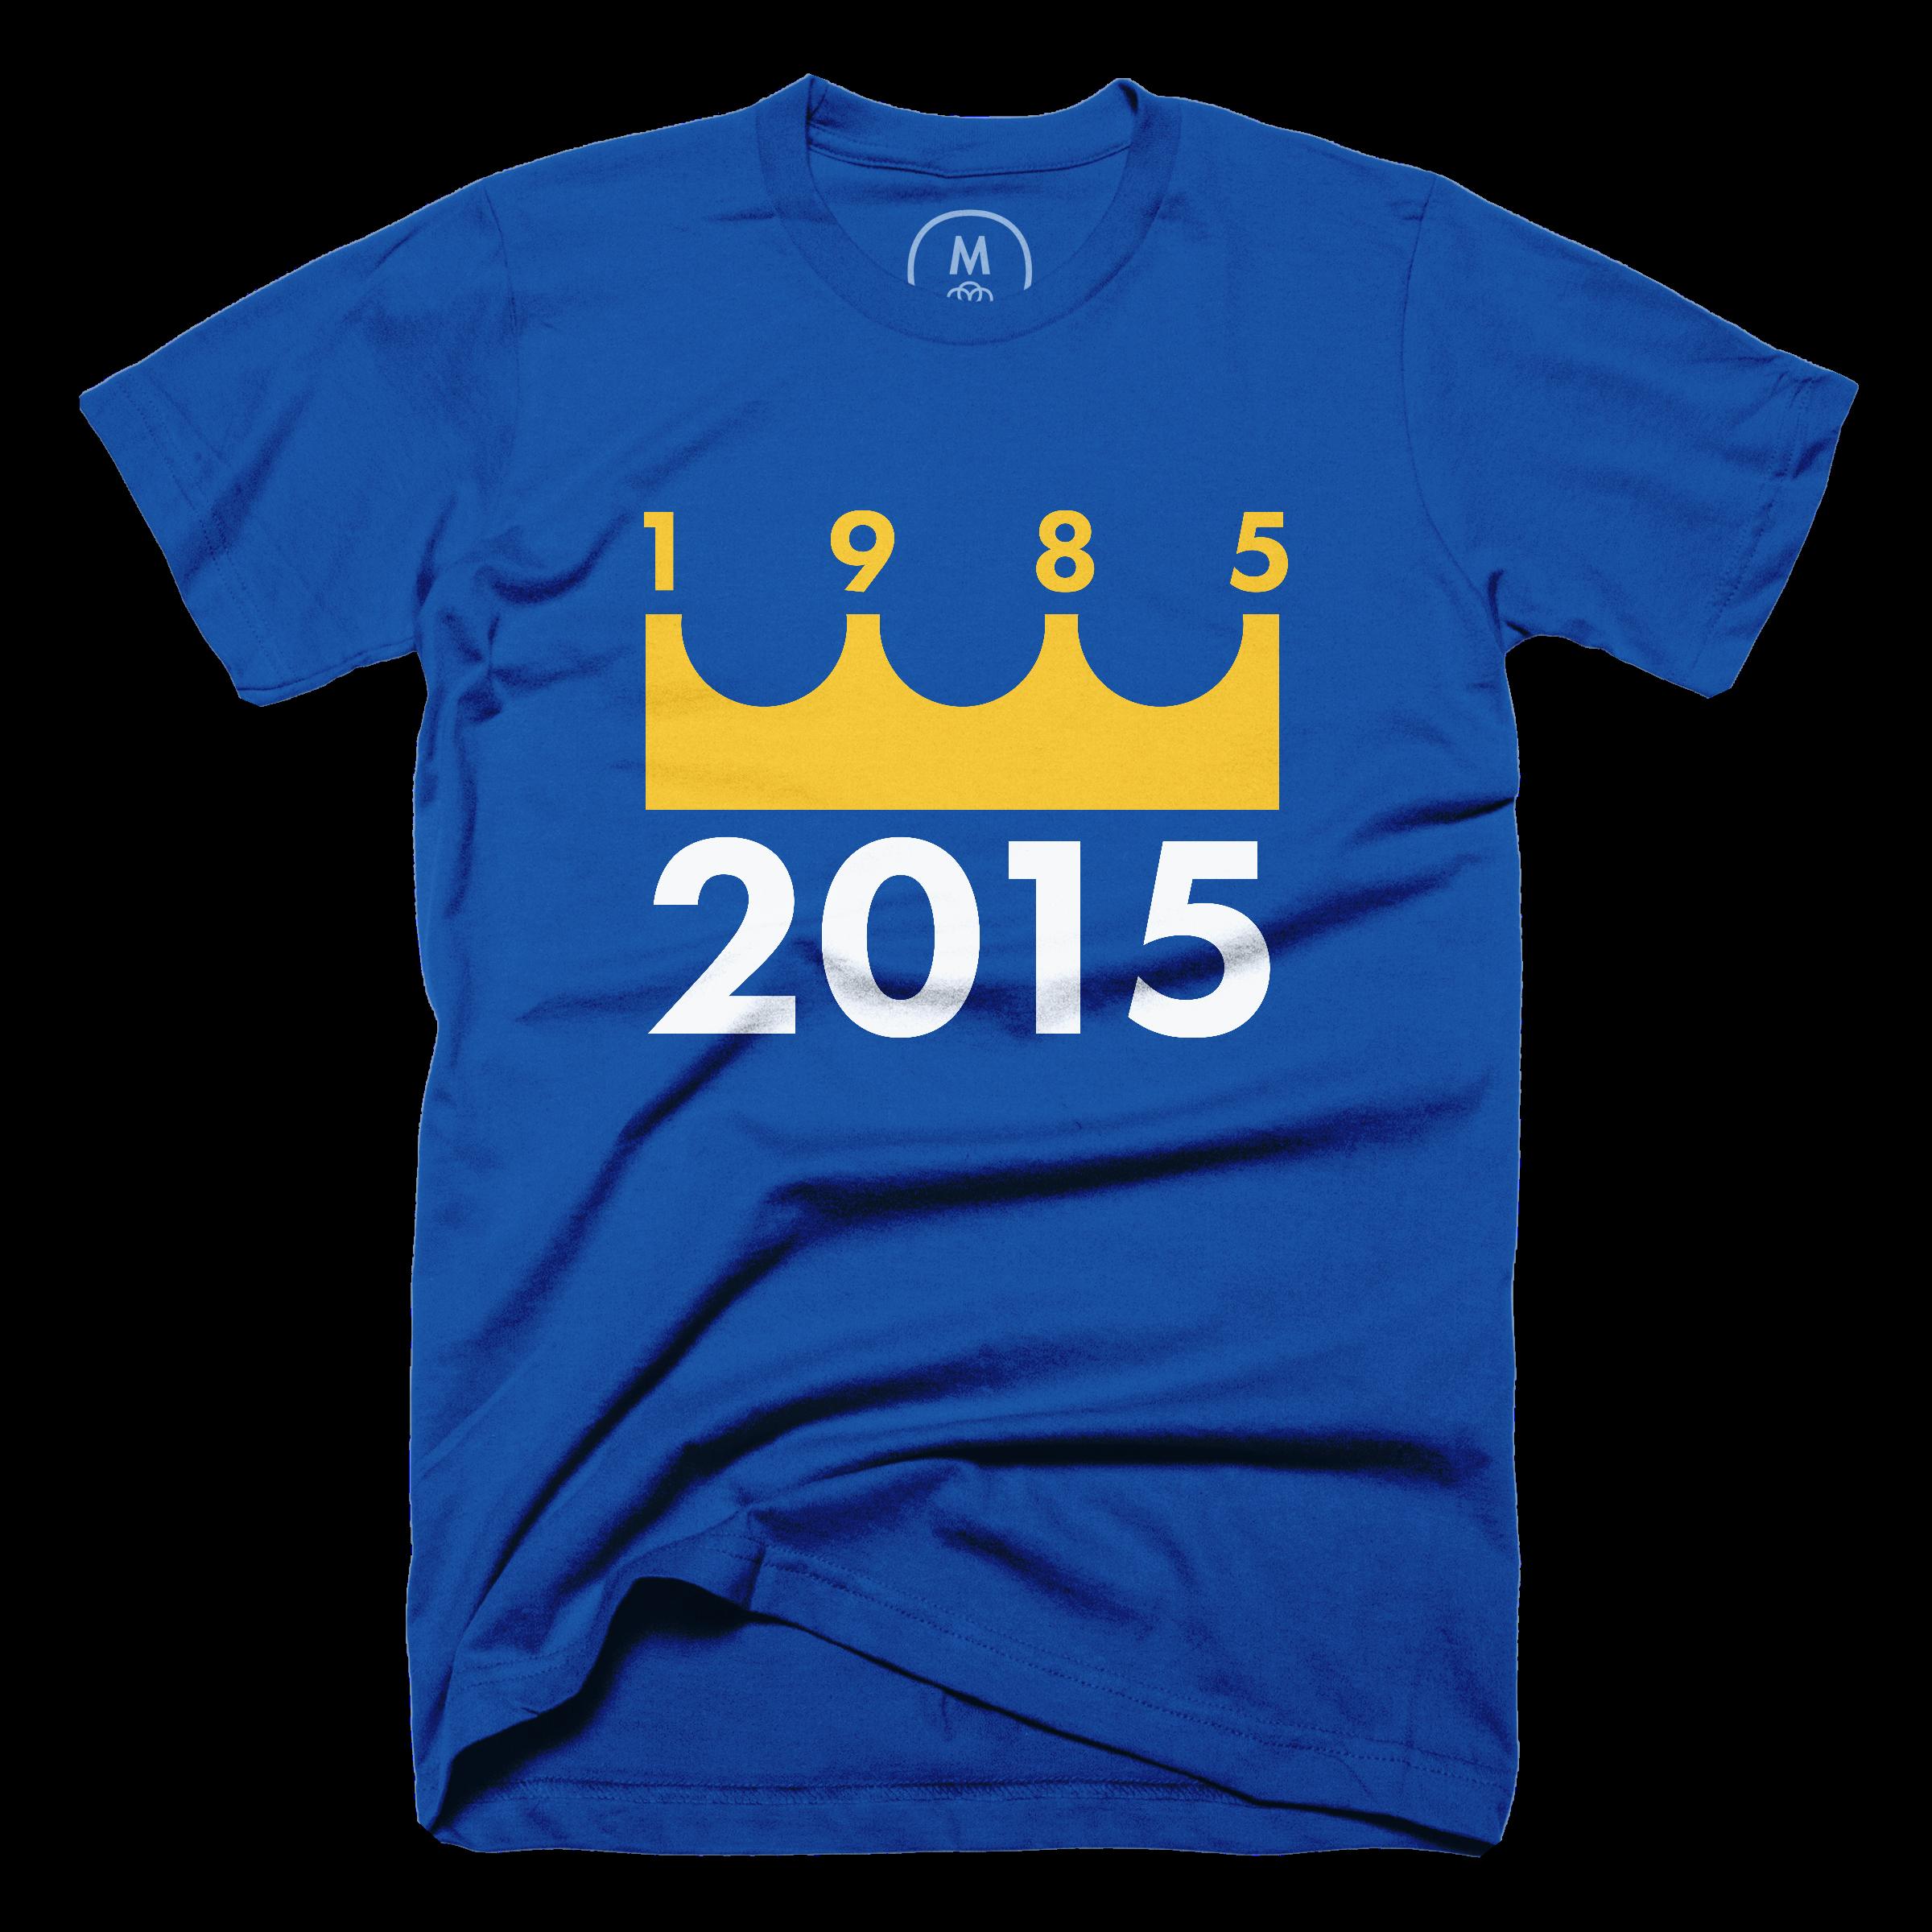 Royals 1985/2015